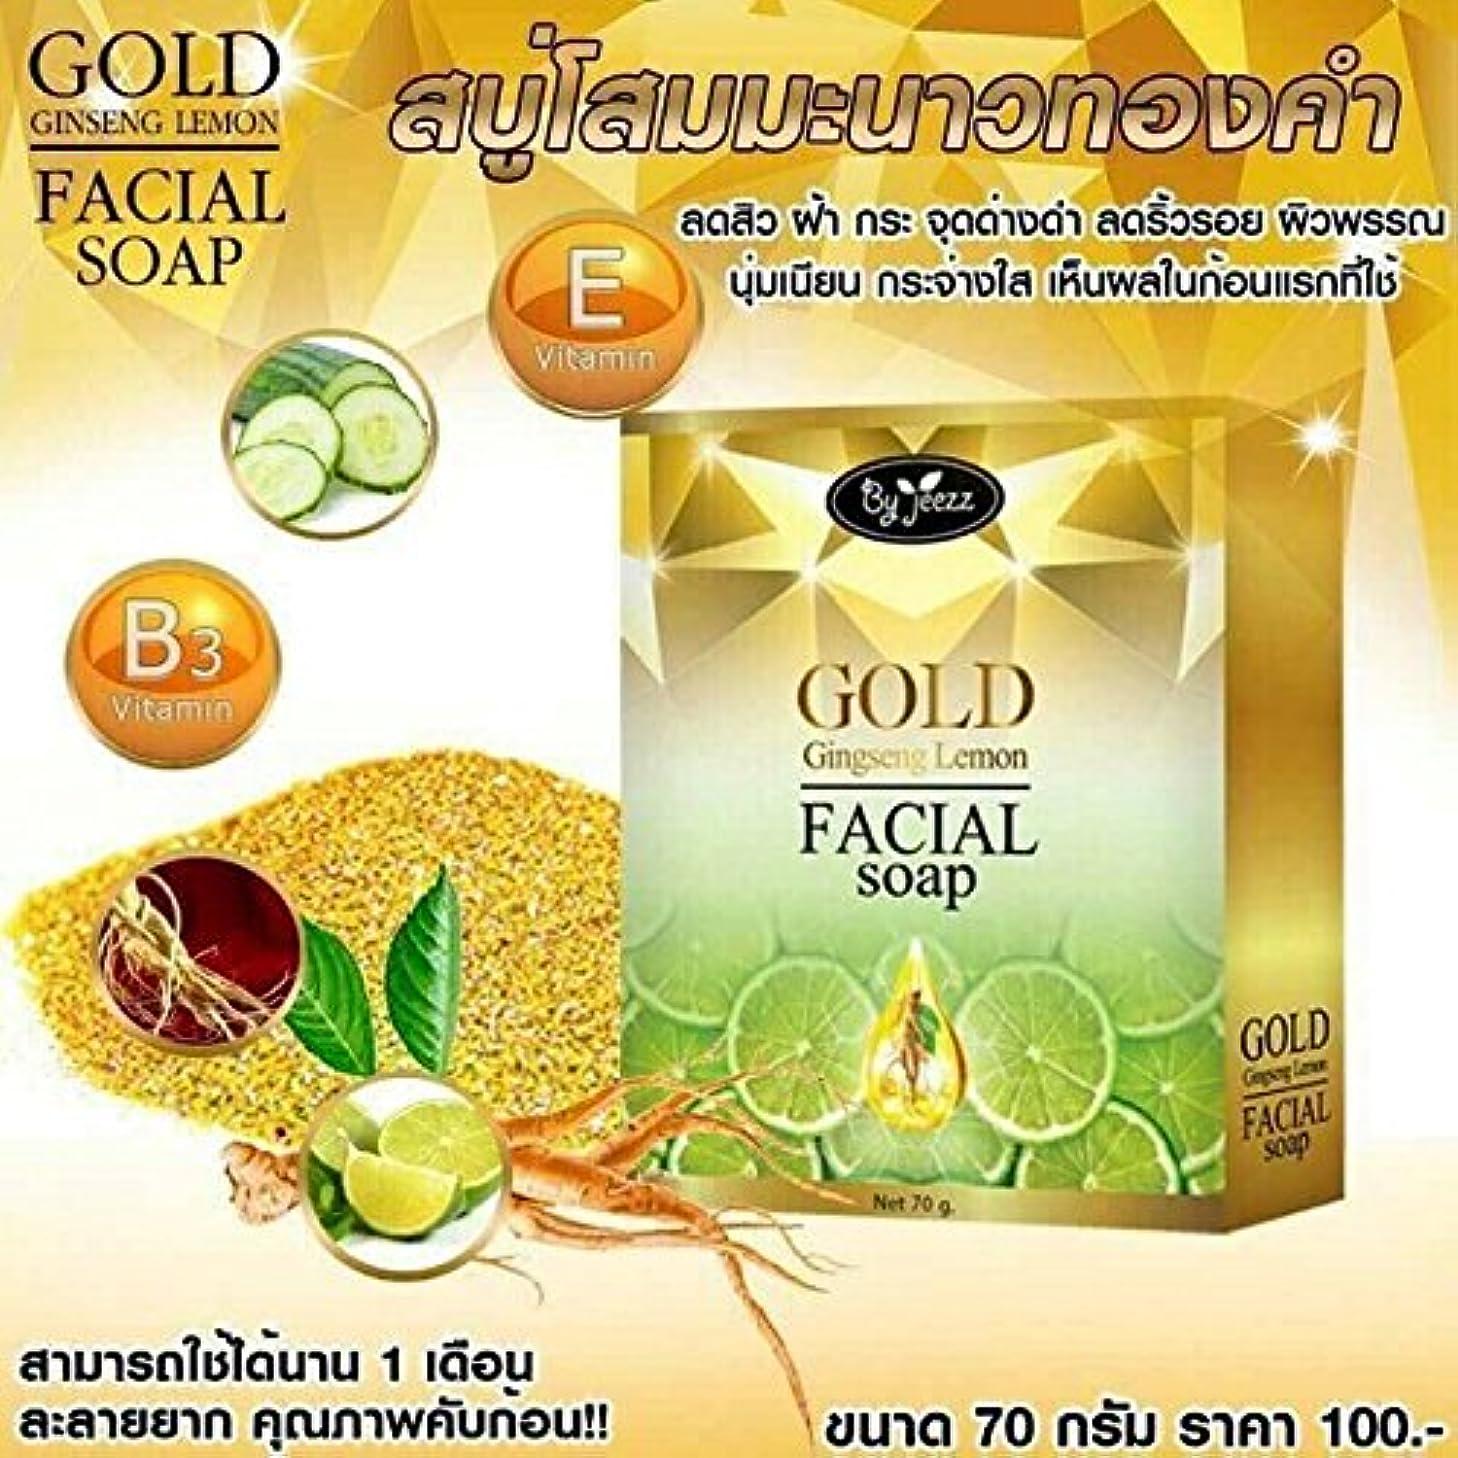 否認するスキム摂氏1 X Natural Herbal Whitening Soap. Ginseng Lemon Soap (Gold Ginseng Lemon Facial Soap by jeezz) 70 g. Free shipping